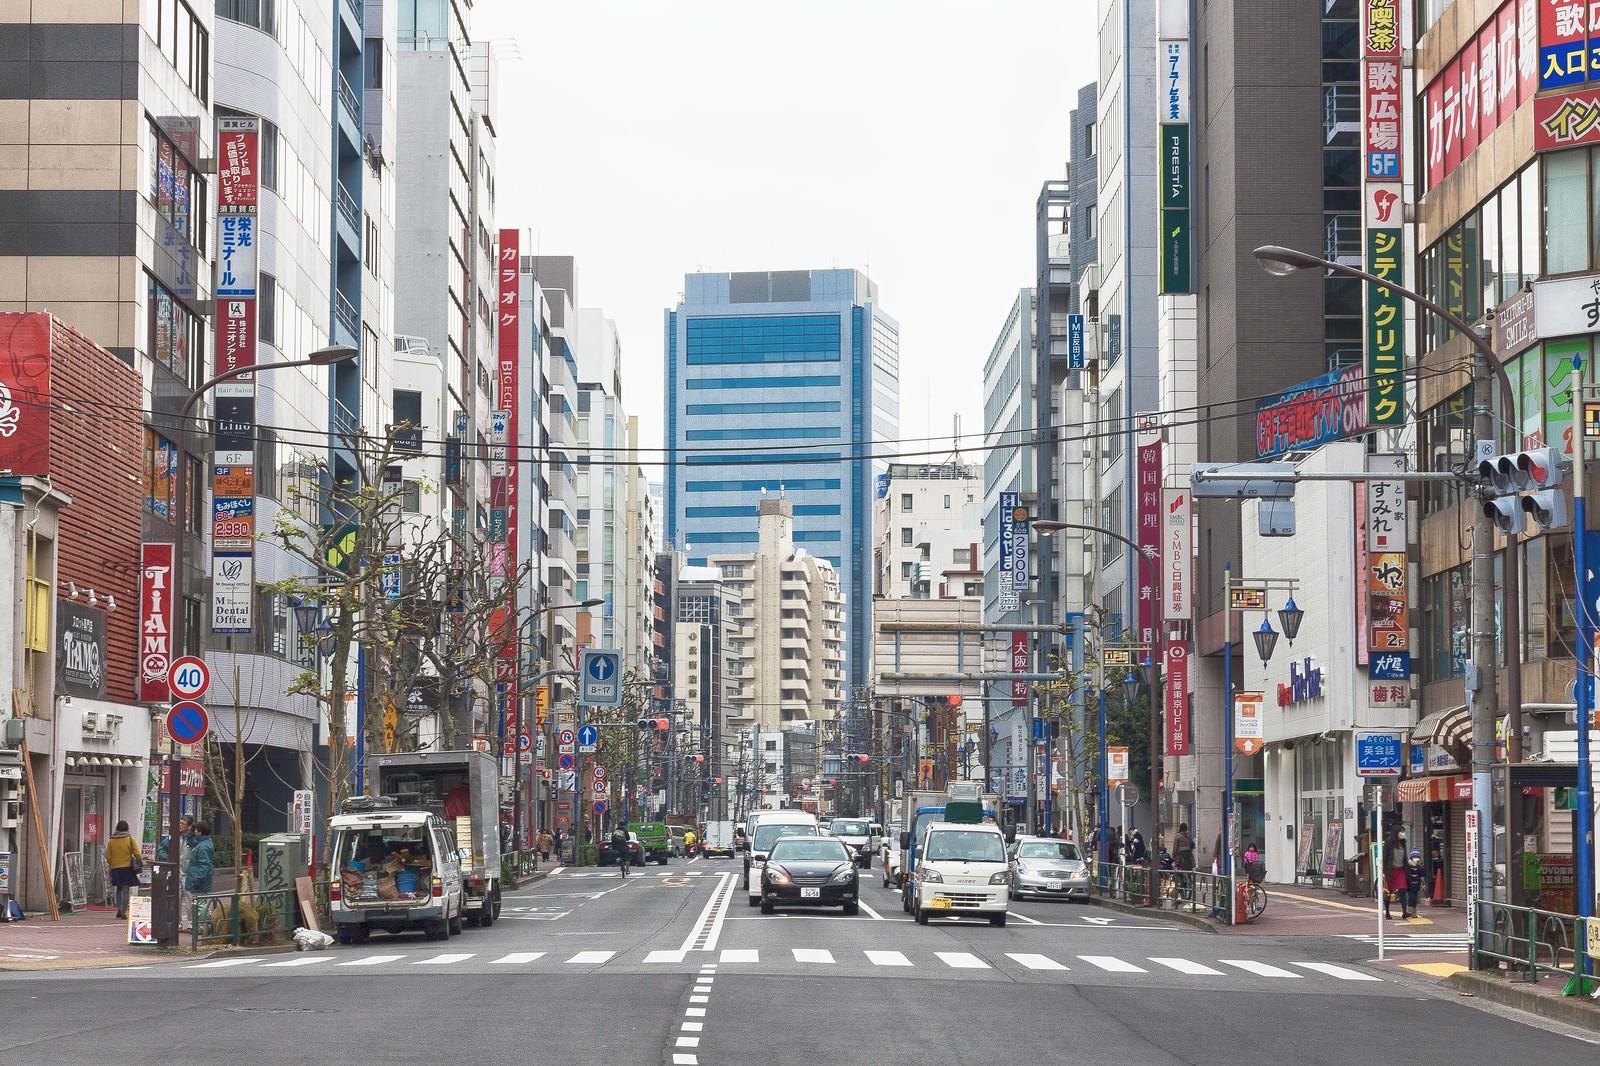 「五反田駅前」の写真